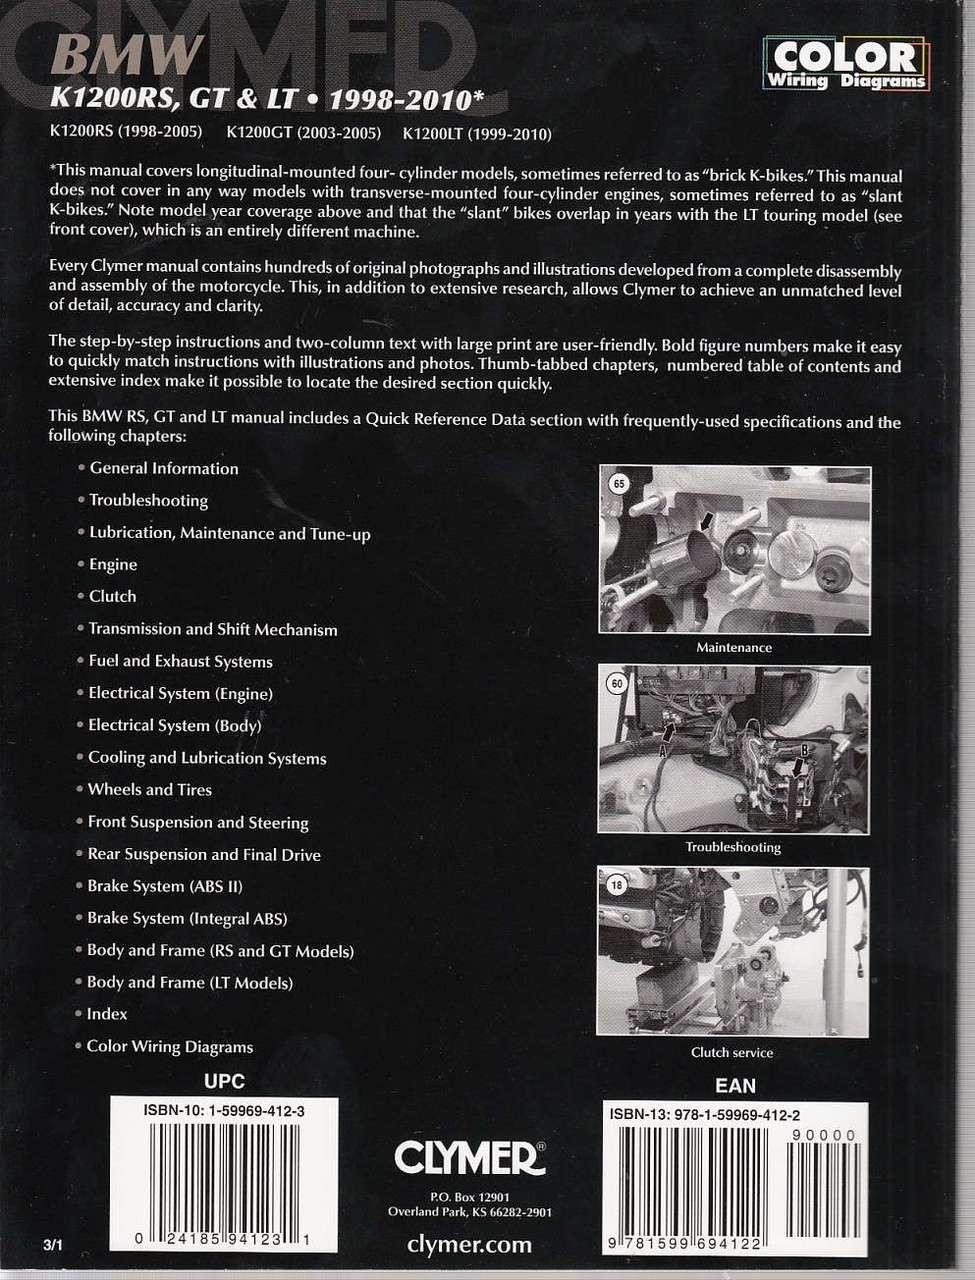 BMW K1200RS, K1200GT and K1200LT 1998 - 2010 Workshop Manual